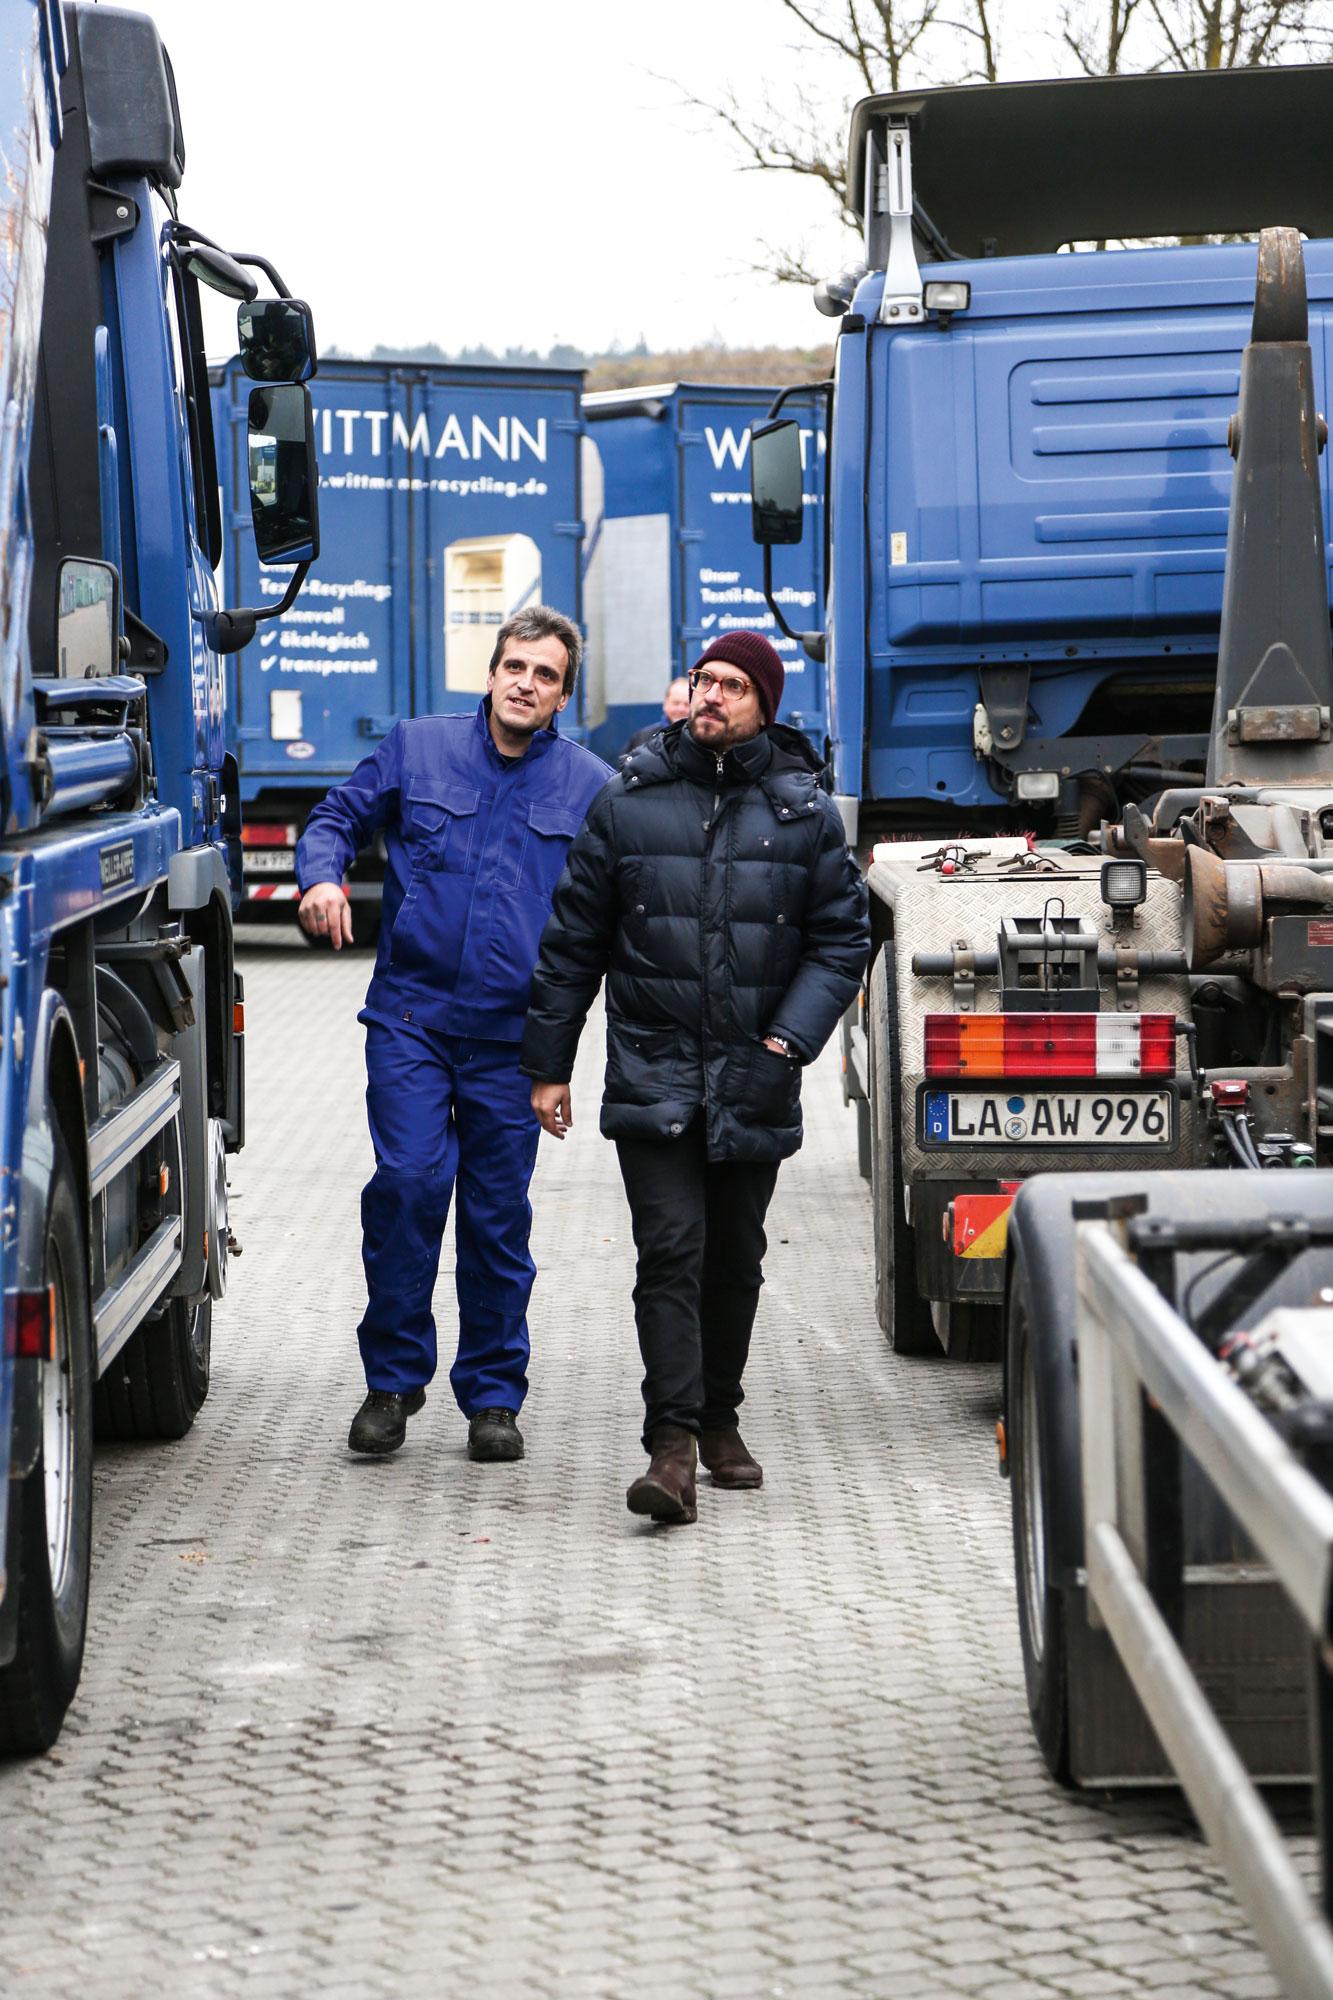 LKW Inspektion von Martin Wittmann